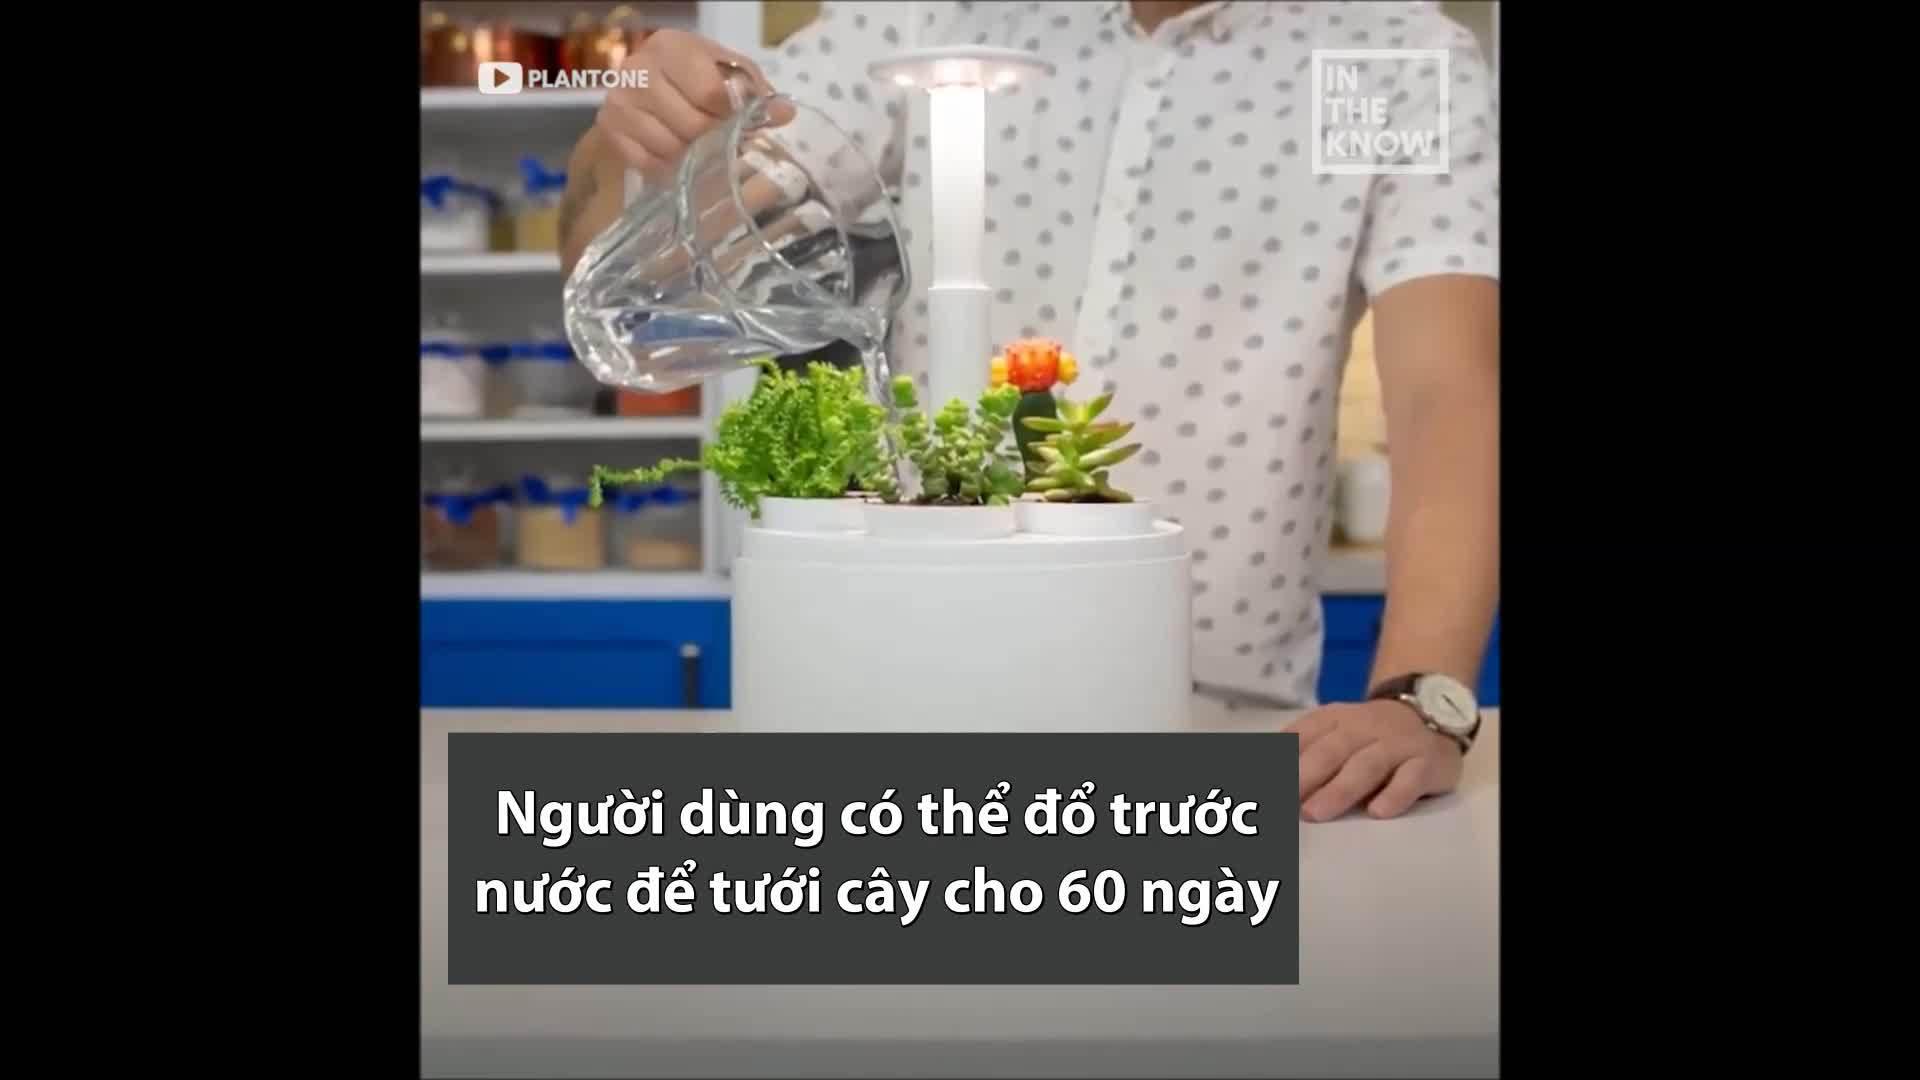 Chậu tự động tưới nước cho cây trong 60 ngày